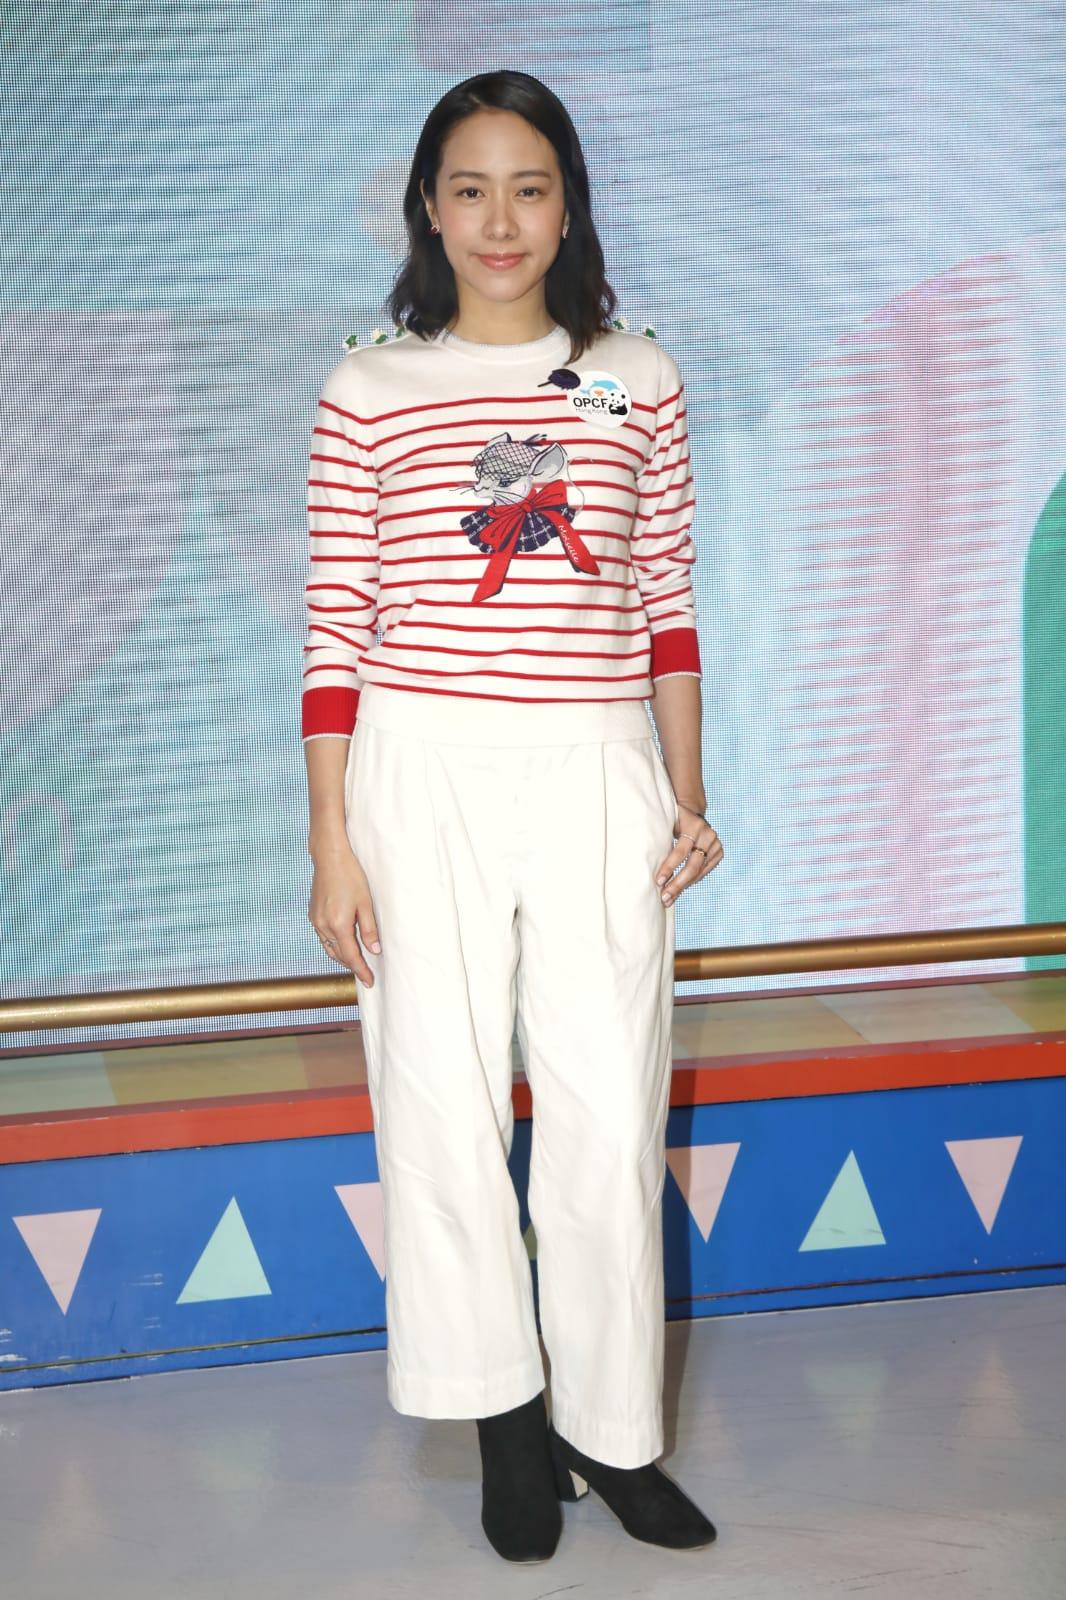 林嘉欣:妝髮都OK,上身都冇問題,但條褲唔長唔短咁,再襯對黑鞋就出事嘞,如果換一條白色長裙,襯白鞋或波鞋會好啲。